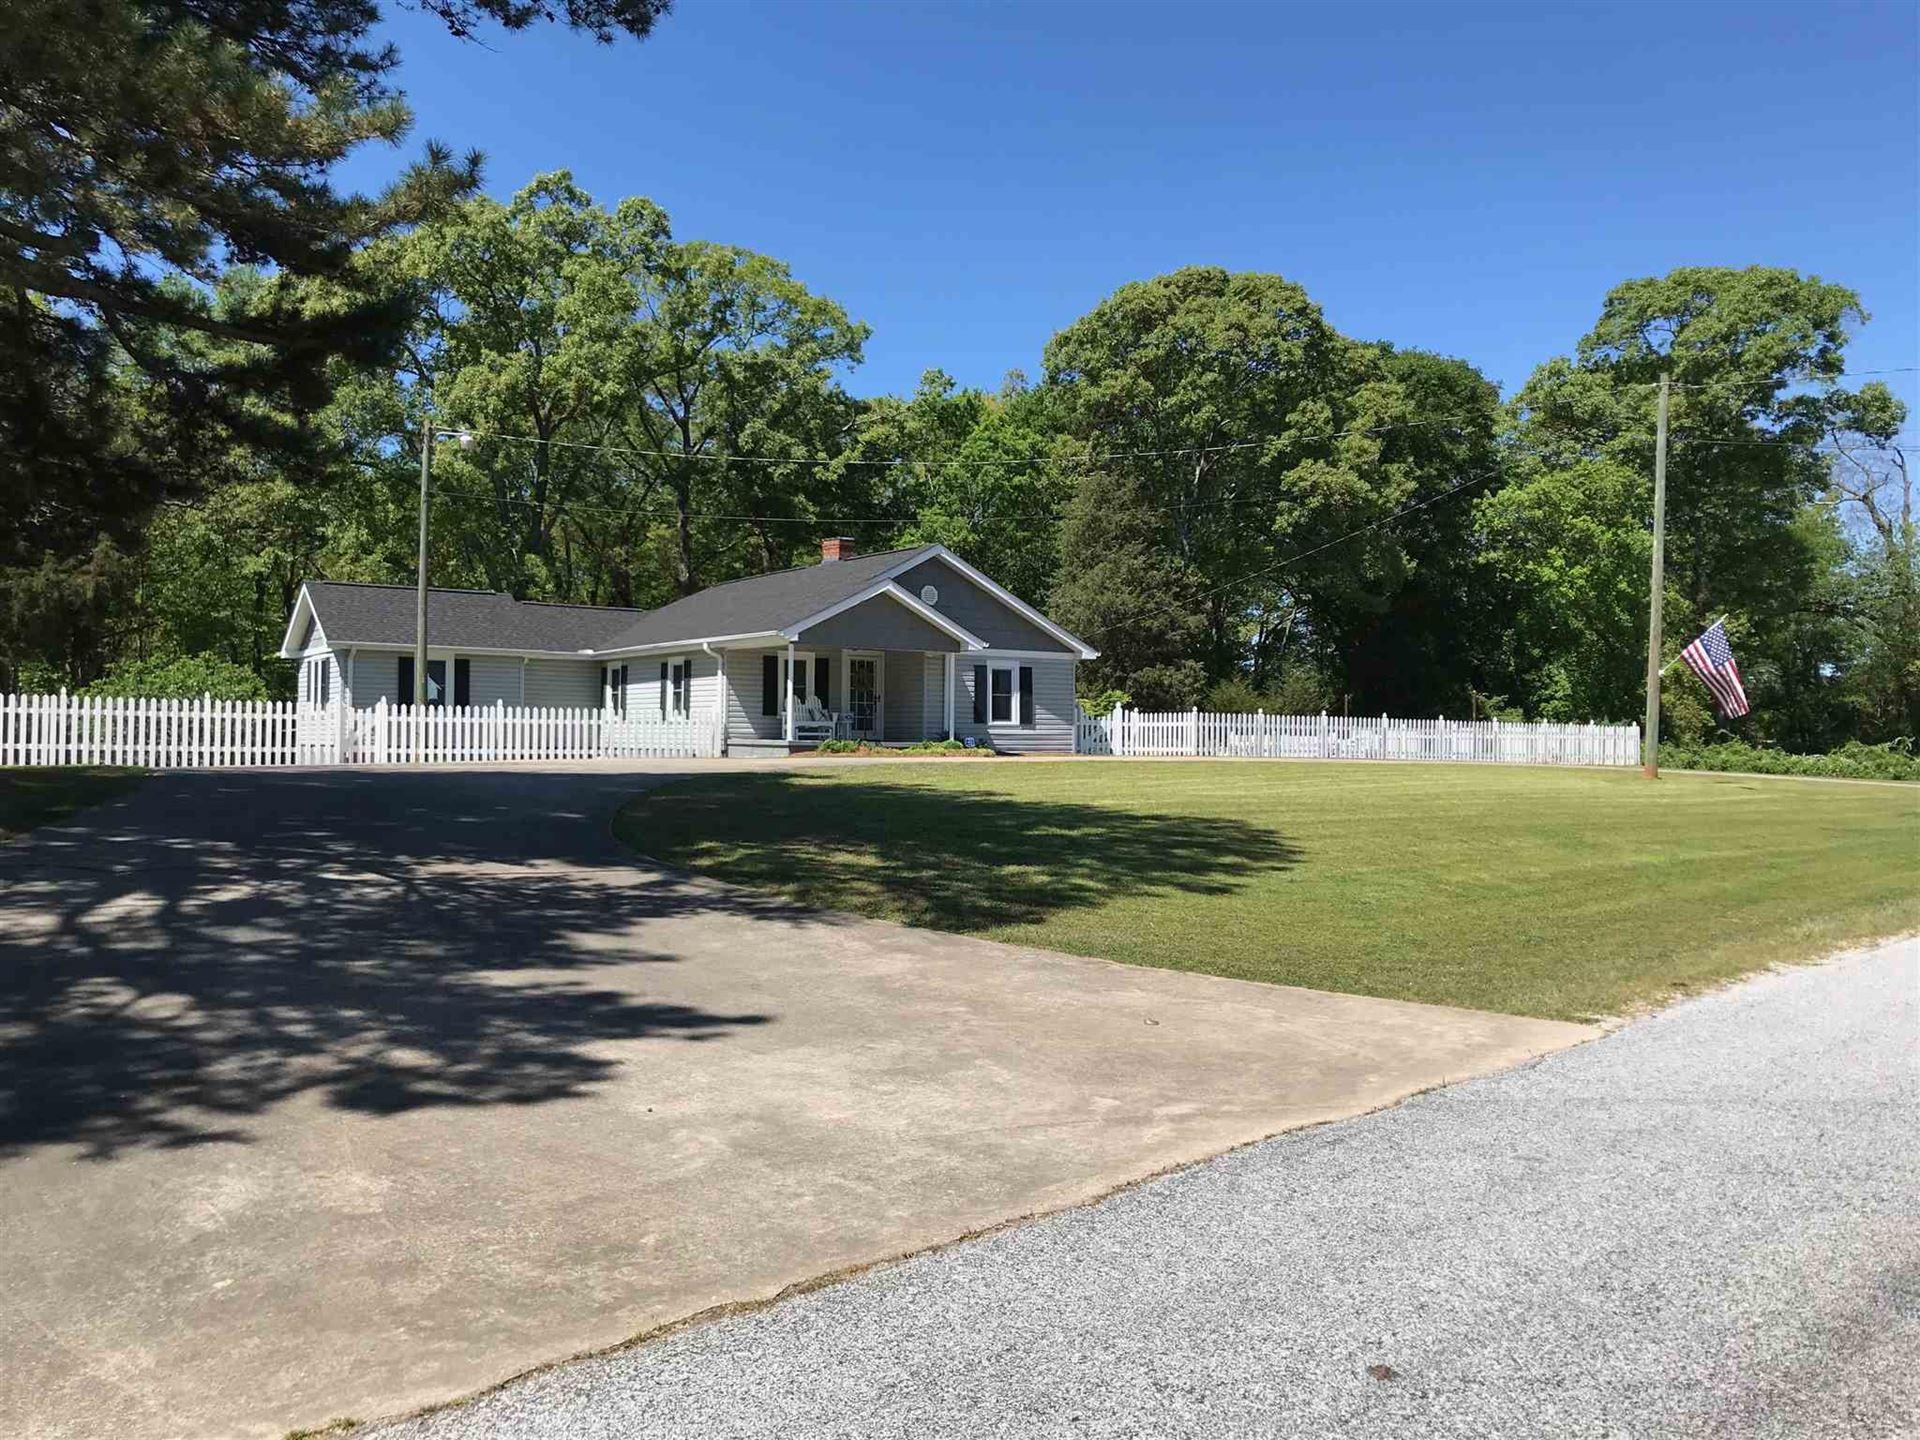 24 Old Mt Olivet Rd, Hartwell, GA 30643 - MLS#: 8885467